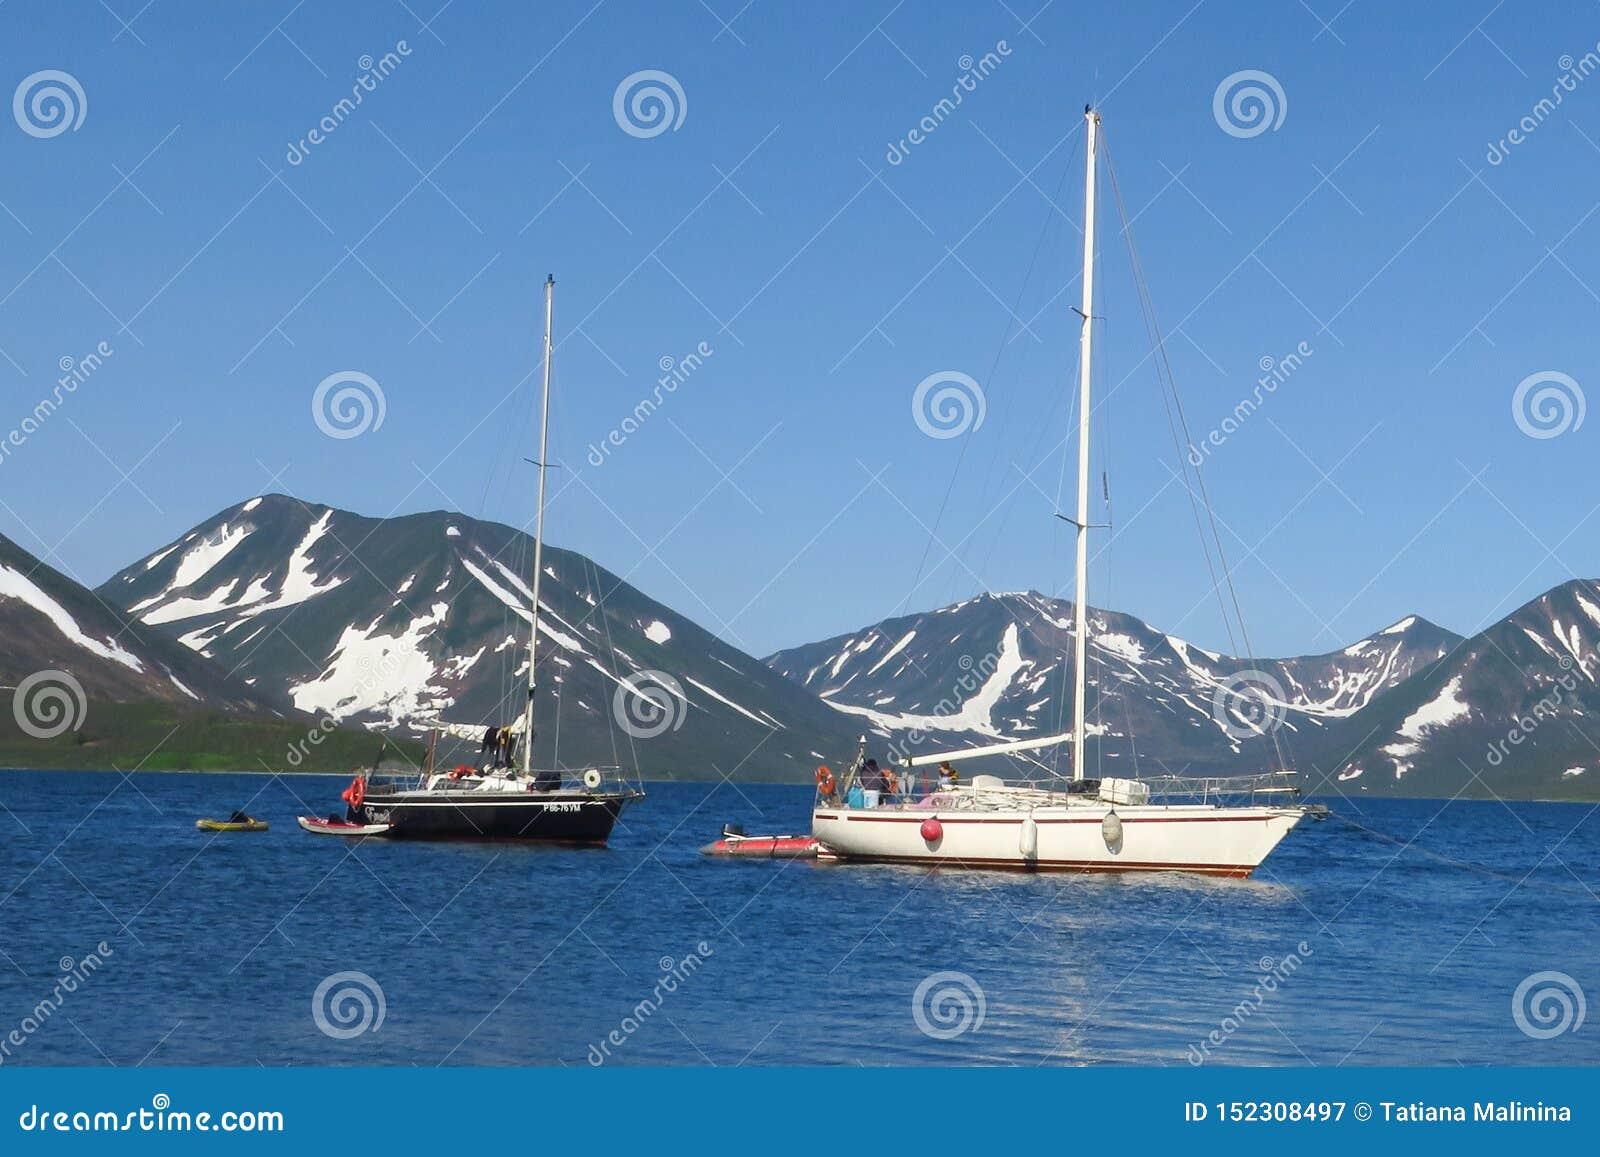 Widok dwa jachtu pod białymi i czarnymi żaglami współzawodniczy w drużynowym żeglowania wydarzeniu Morze Północne, niebieskie nie